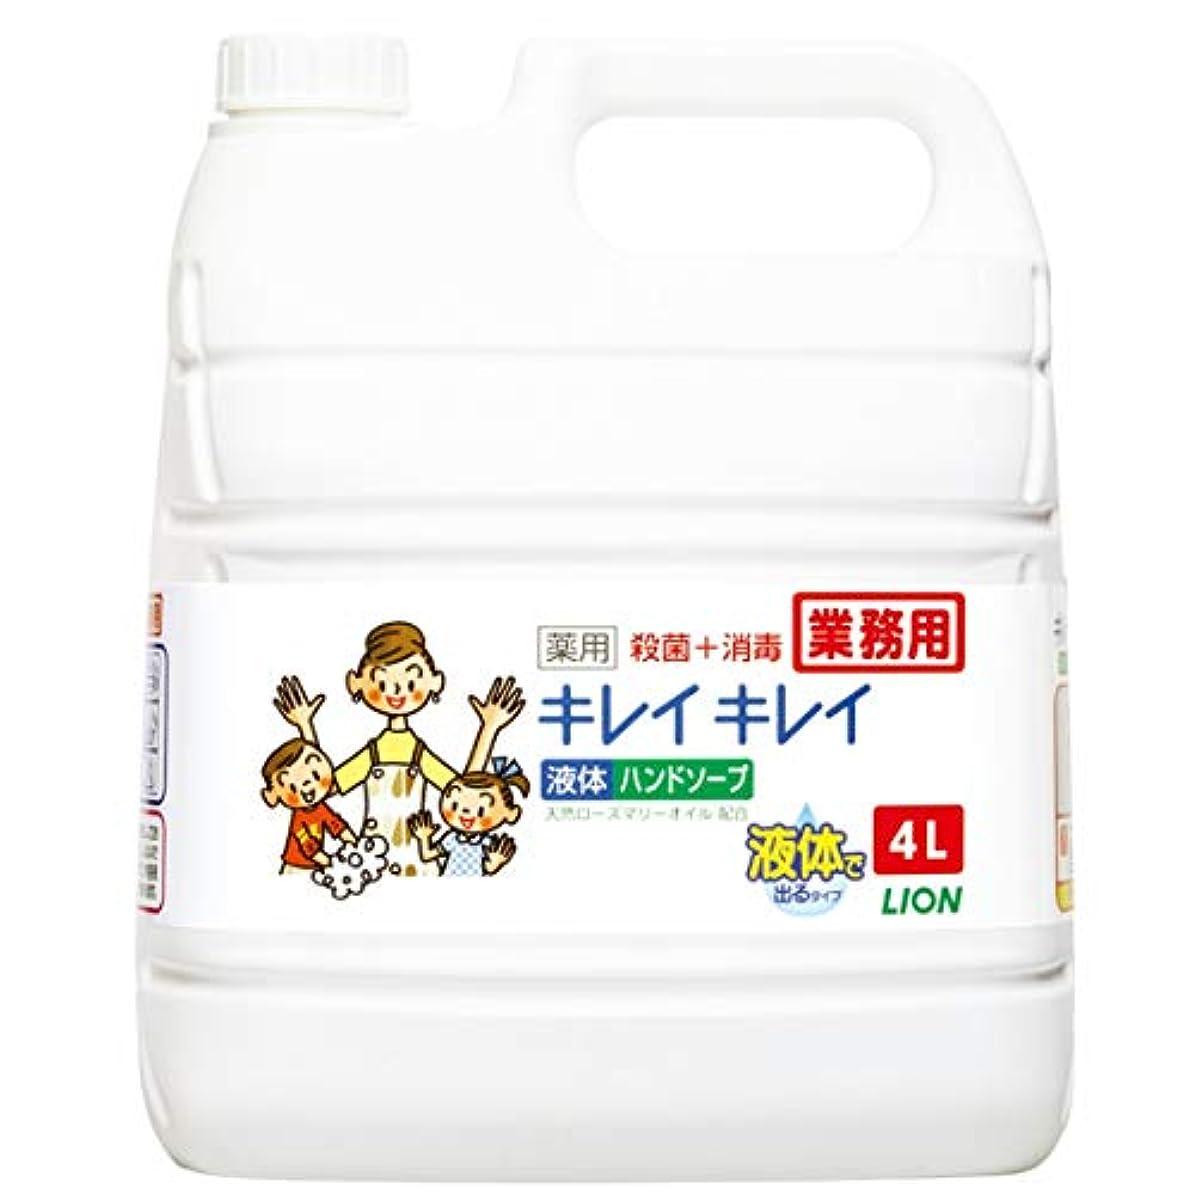 サルベージ立証する流行【業務用 大容量】キレイキレイ 薬用 ハンドソープ  4L(医薬部外品)